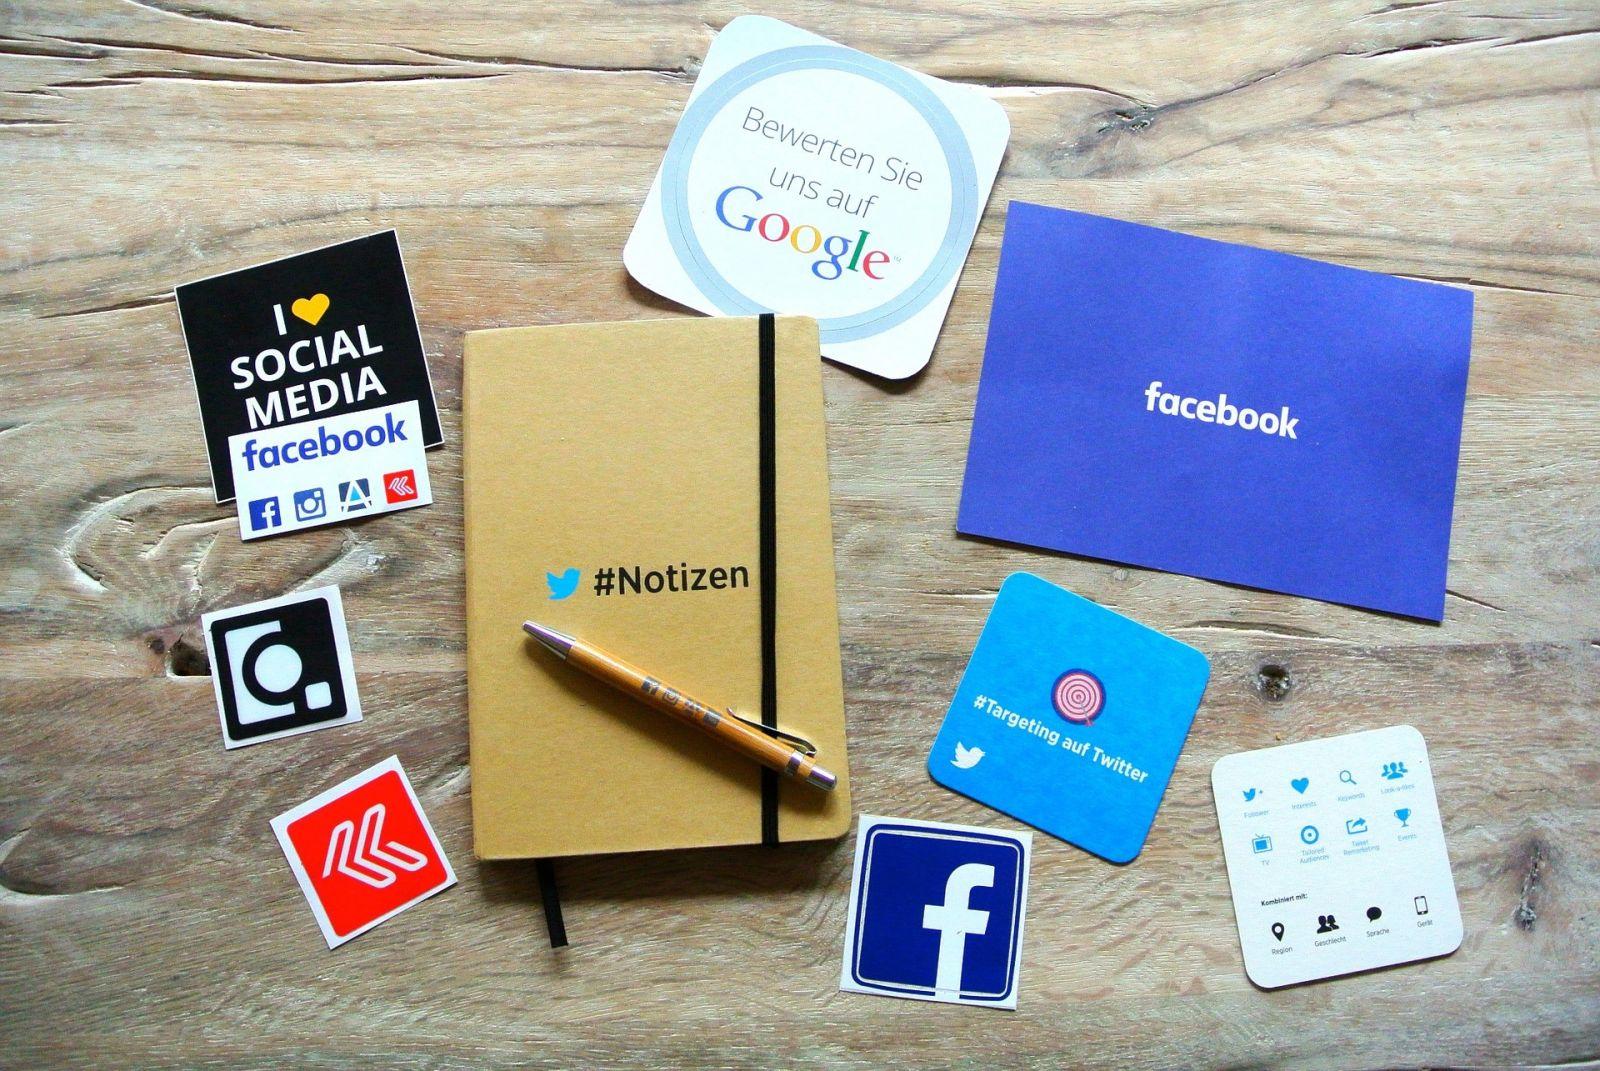 Je pro úspěch v online marketingu nutné vysokoškolské studium?